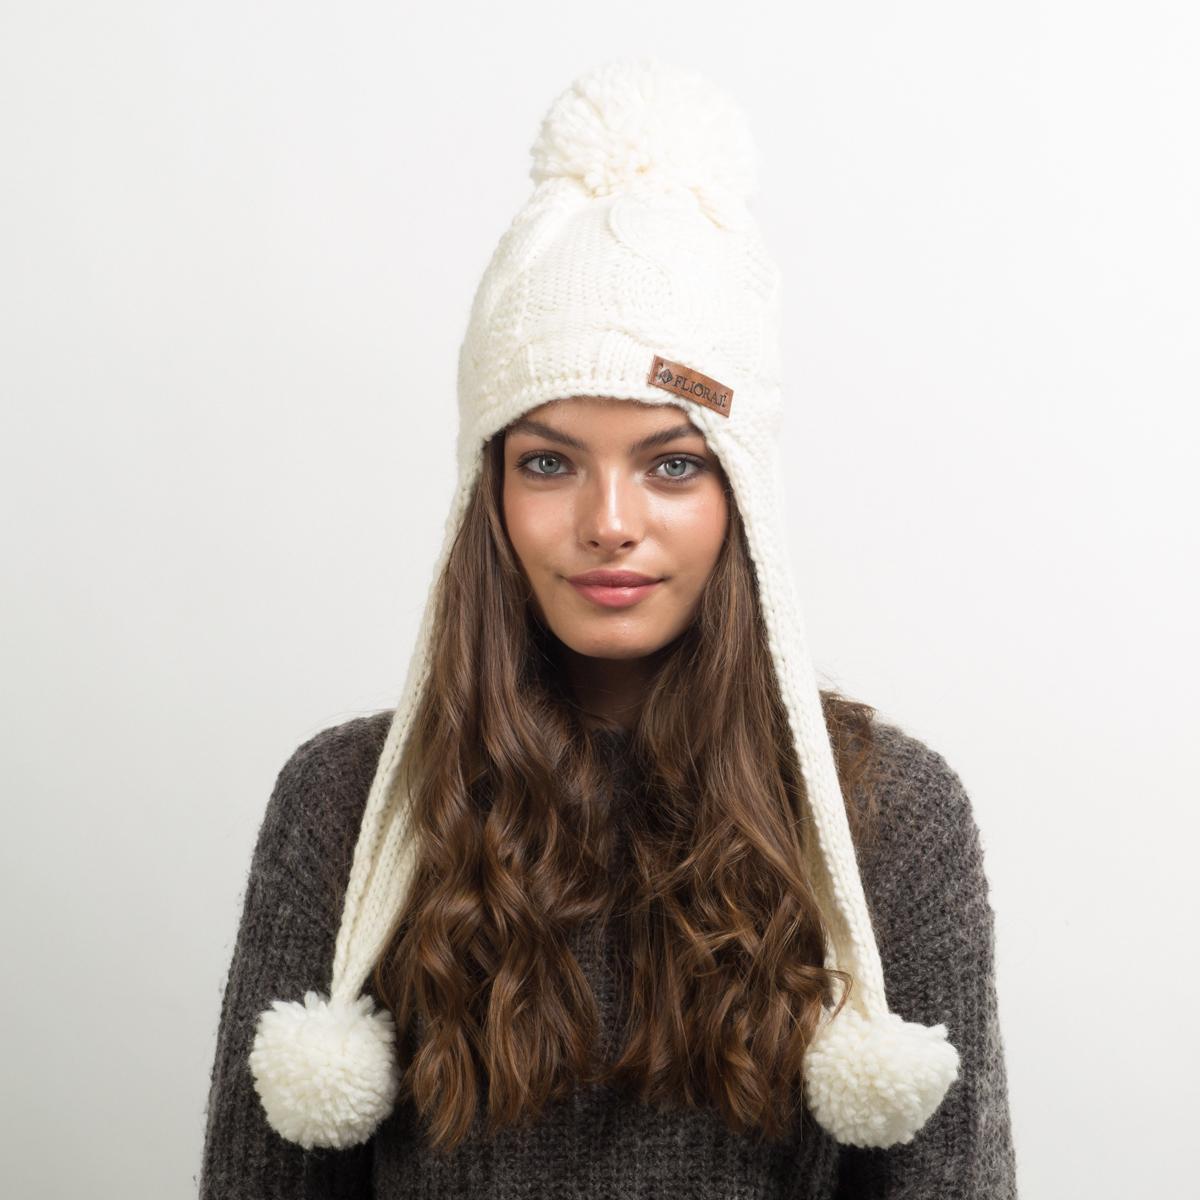 Шапка женская Flioraj, цвет: белый. 712-М FJ. Размер 56/58712-М FJТеплая шерстяная шапка от Flioraj, связанная из объемной итальянской пряжи, украшена ажурными модными косами и нашивкой из натуральной кожи. Выполнена модной рельефной вязкой. Отлично защитит от холода. Модель дополнена помпонами.